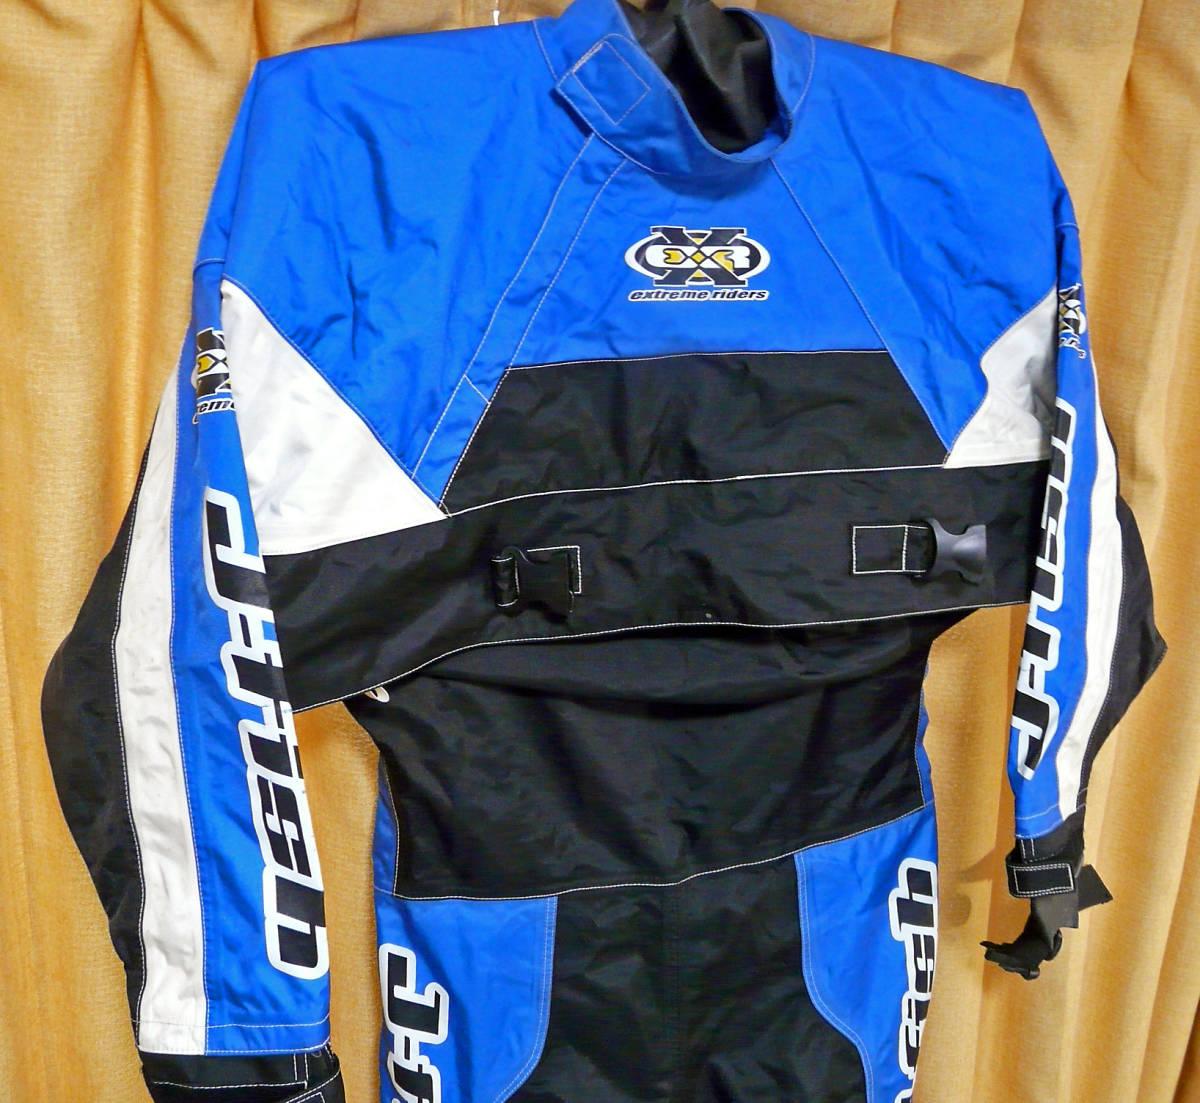 Lサイズ J-FISHジェイフィッシュ ドライスーツ extreme riders used_画像2